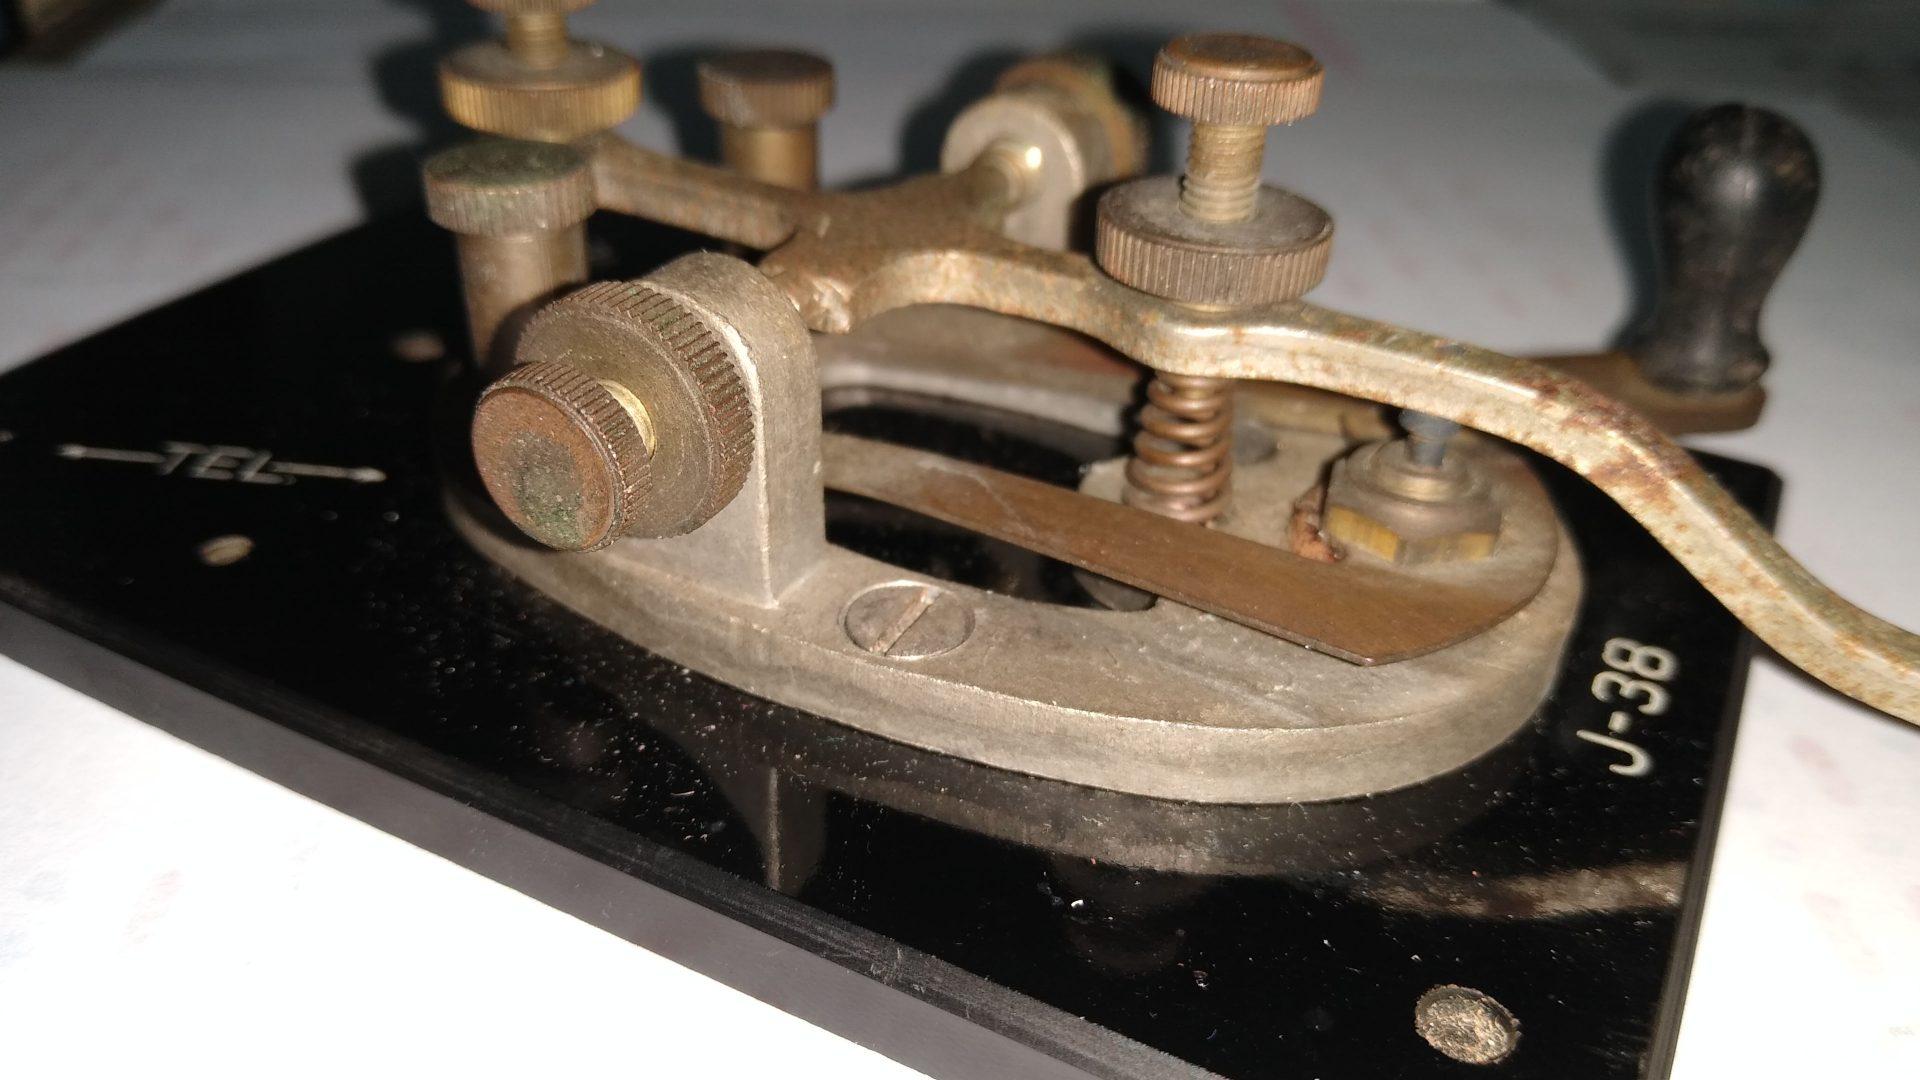 Original J-38 key